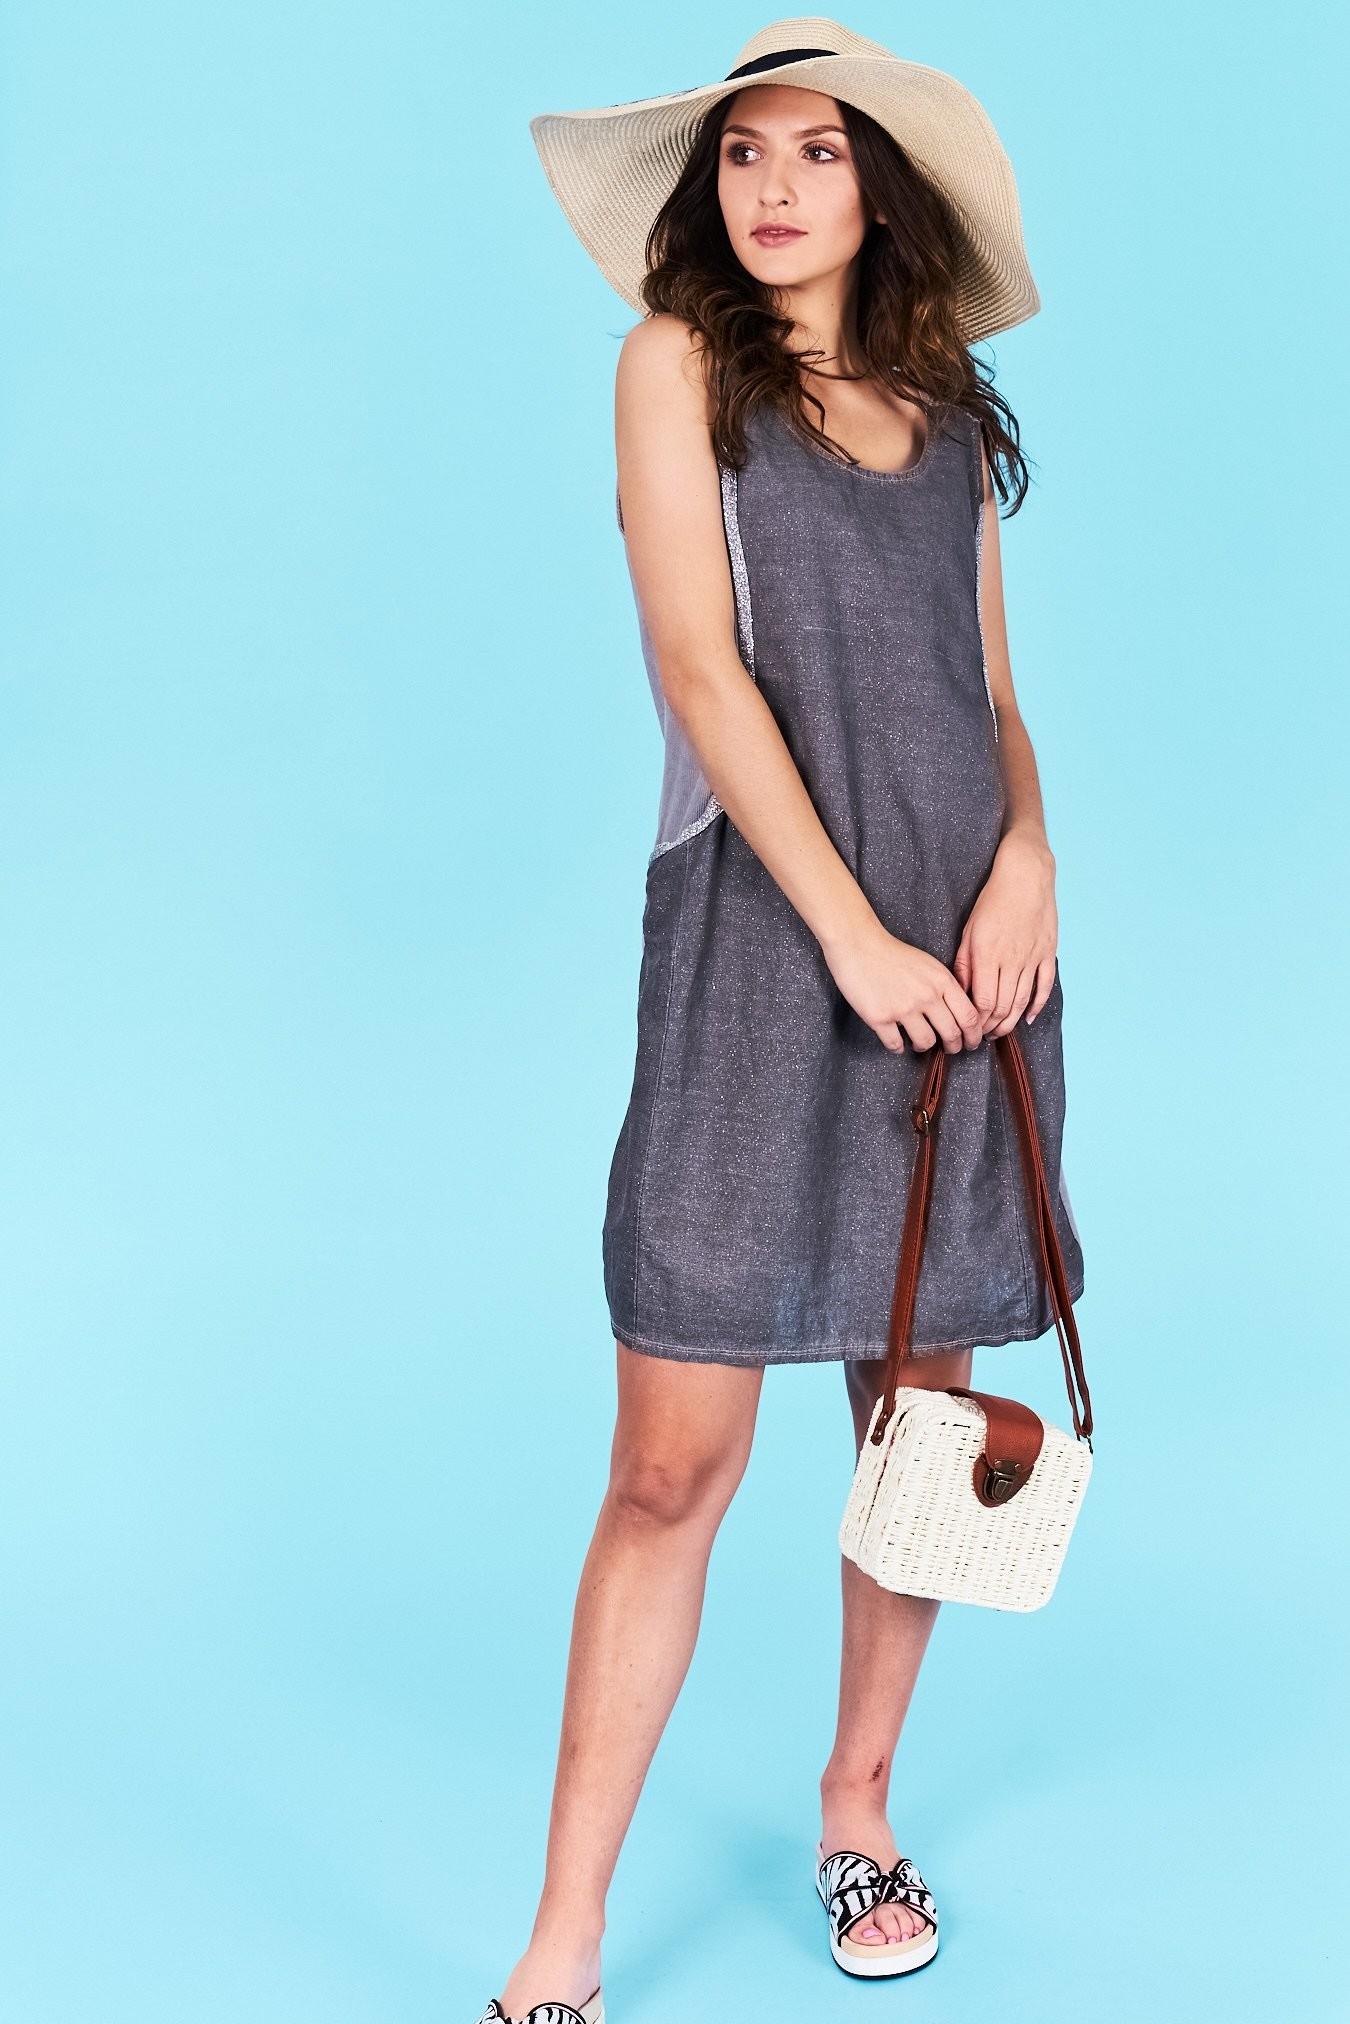 e53bb3d810bf Dámske letné šaty grafitové Khloe Veľkosť UNI-verzálna Vyrobené z  príjemného materiálu. Pohodlné šaty